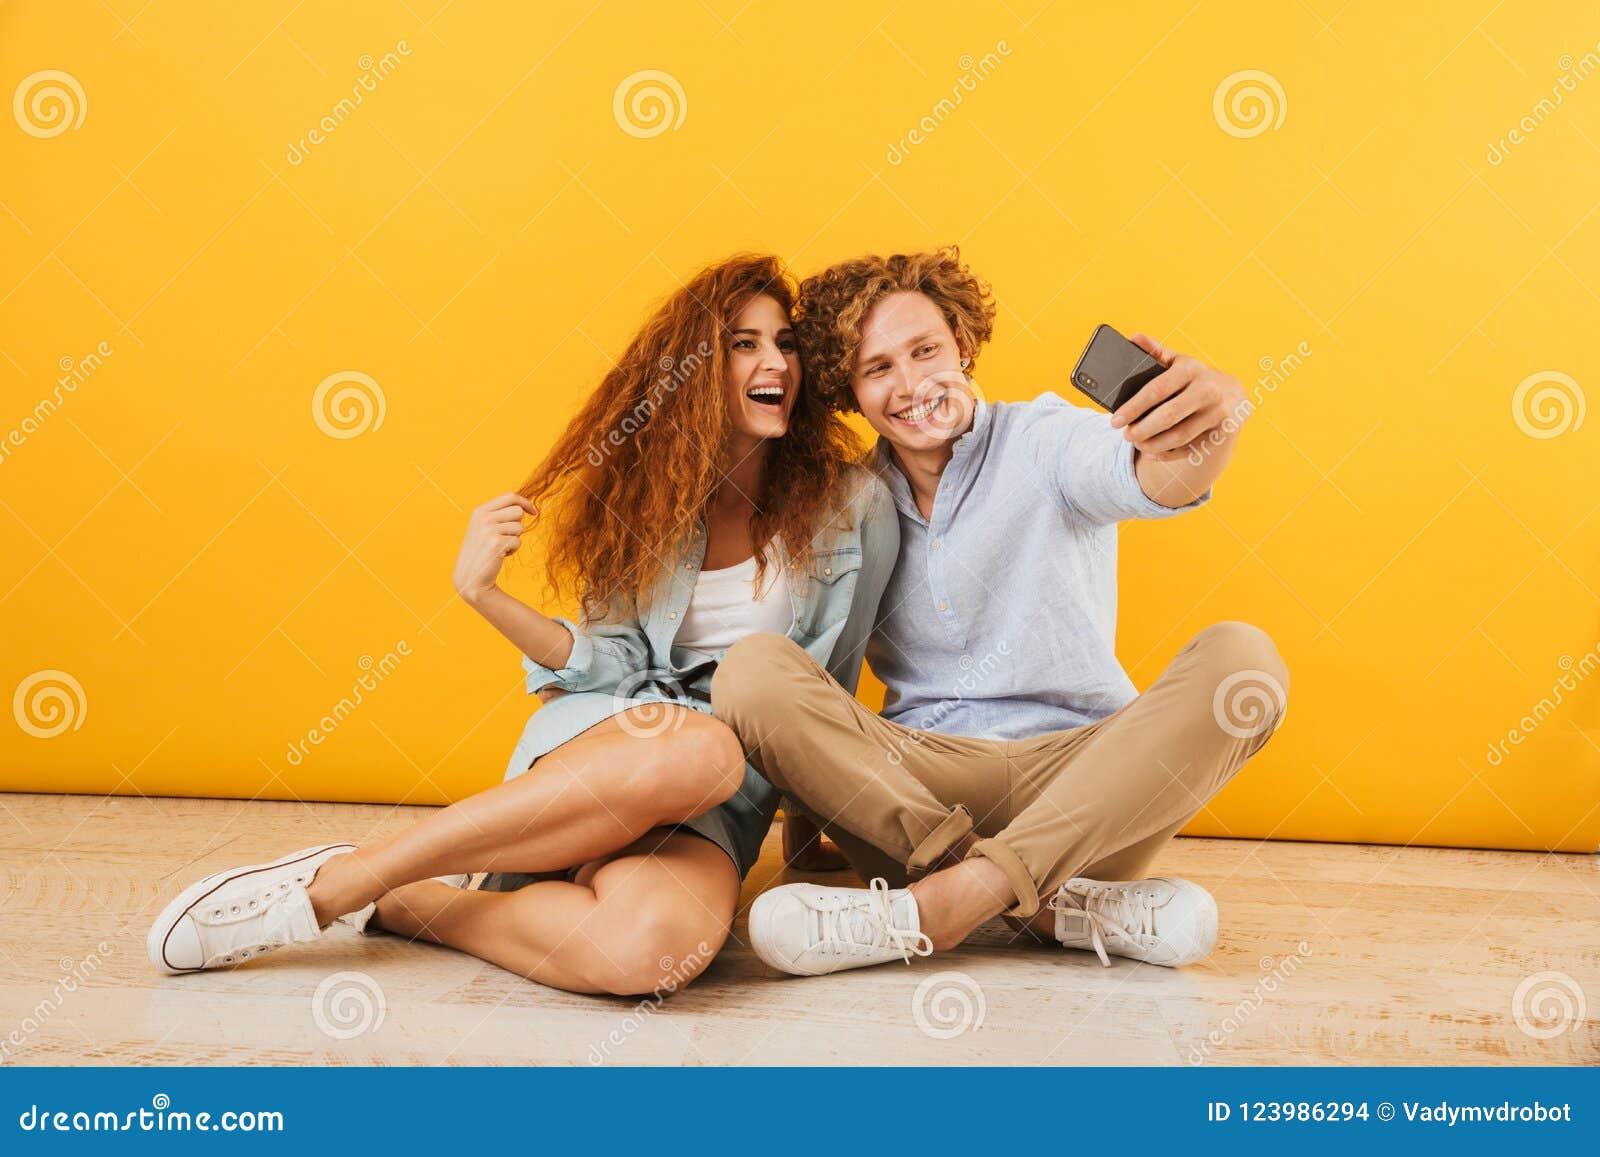 Foto do noivo feliz e da amiga 20s que sentam-se no assoalho a